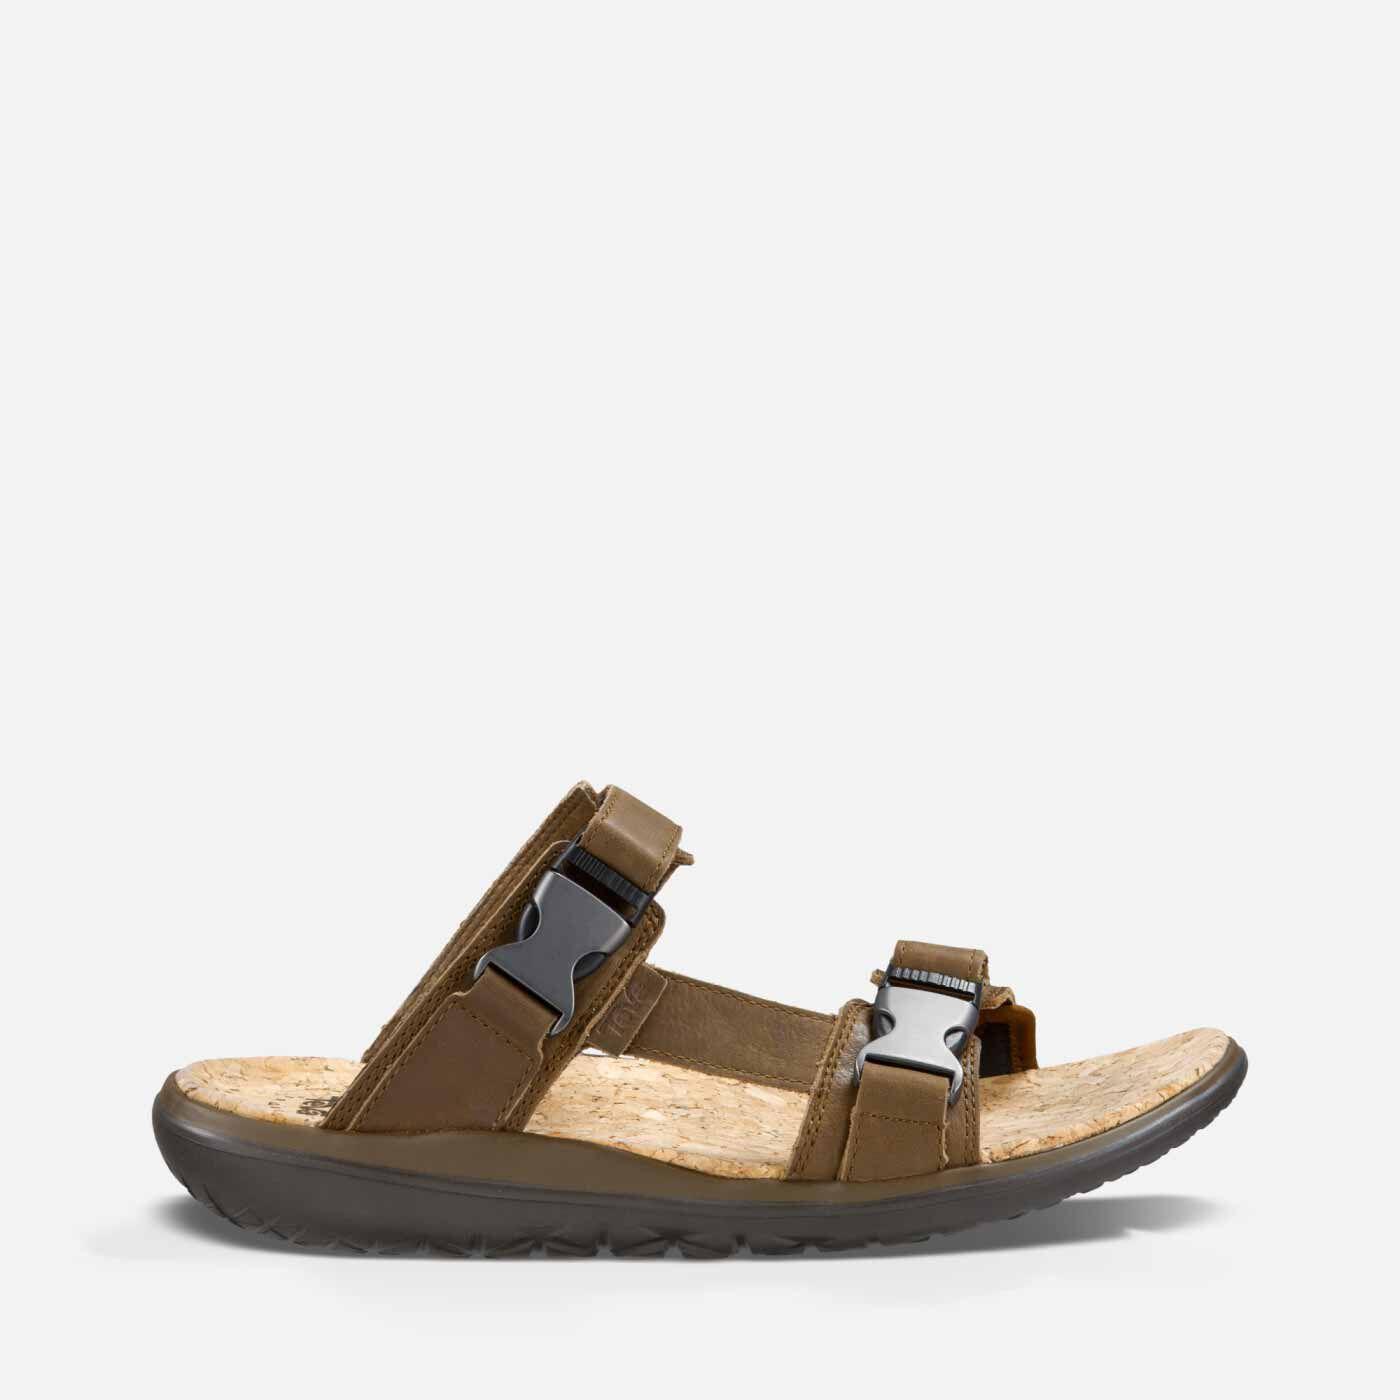 Sandals shoes sale - Terra Float Slide Lux